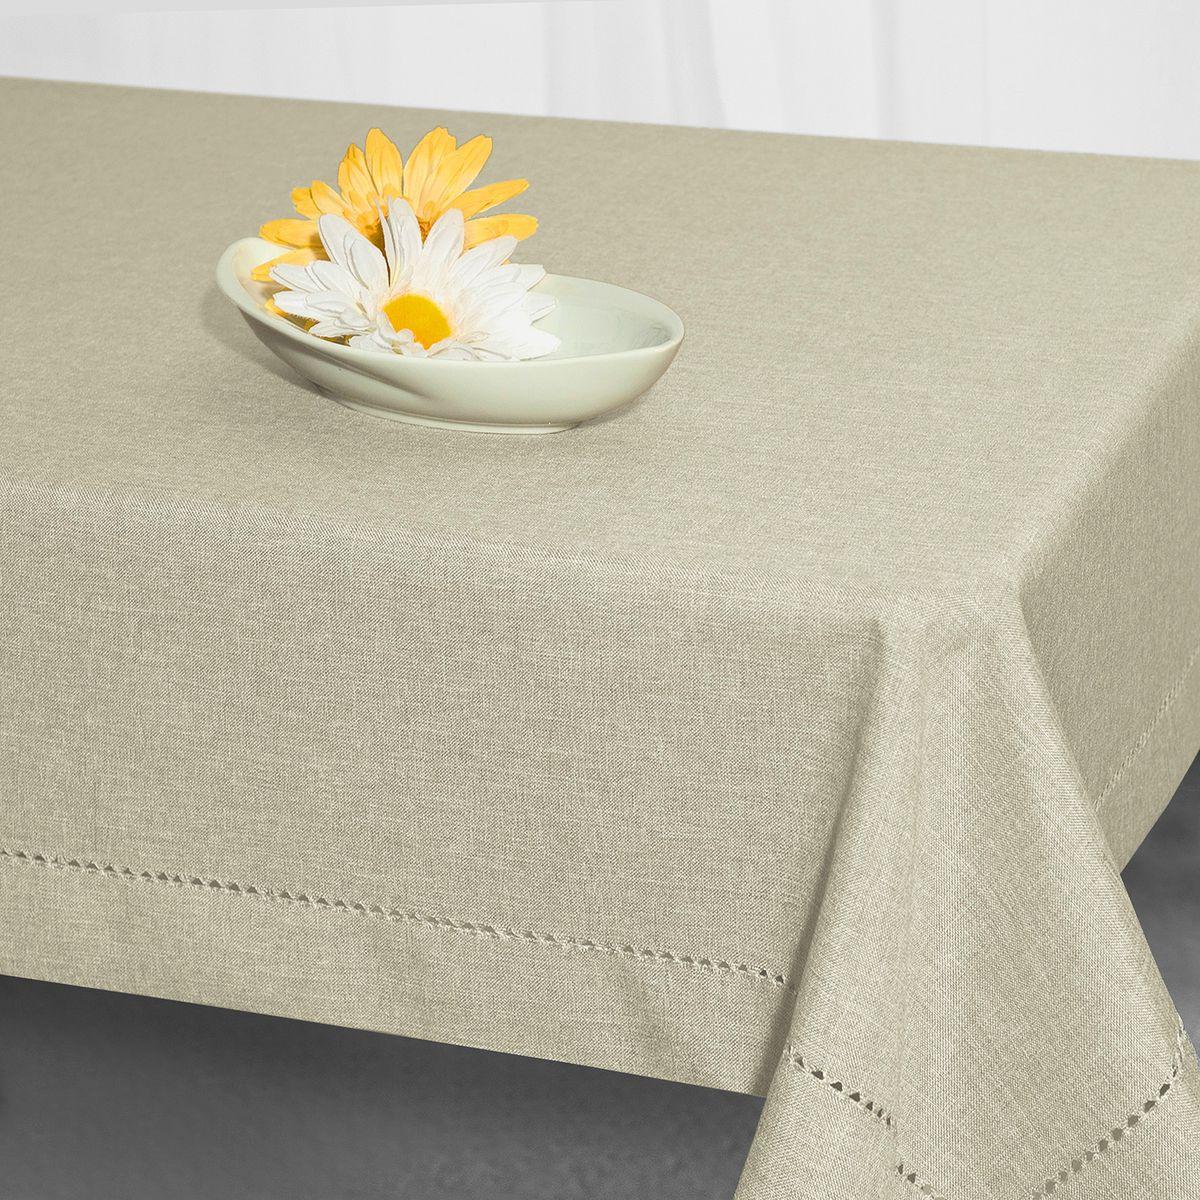 Скатерть Schaefer, прямоугольная, цвет: серый, 160 x 220 см. 07600-40807600-408Стильная скатерть Schaefer выполнена из полиэстера.Изделия из полиэстера легко стирать: они не мнутся, не садятся и быстро сохнут, они более долговечны, чем изделия из натуральных волокон.Немецкая компания Schaefer создана в 1921 году. На протяжении всего времени существования она создает уникальные коллекции домашнего текстиля для гостиных, спален, кухонь и ванных комнат. Дизайнерские идеи немецких художников компании Schaefer воплощаются в текстильных изделиях, которые сделают ваш дом красивее и уютнее и не останутся незамеченными вашими гостями. Дарите себе и близким красоту каждый день!